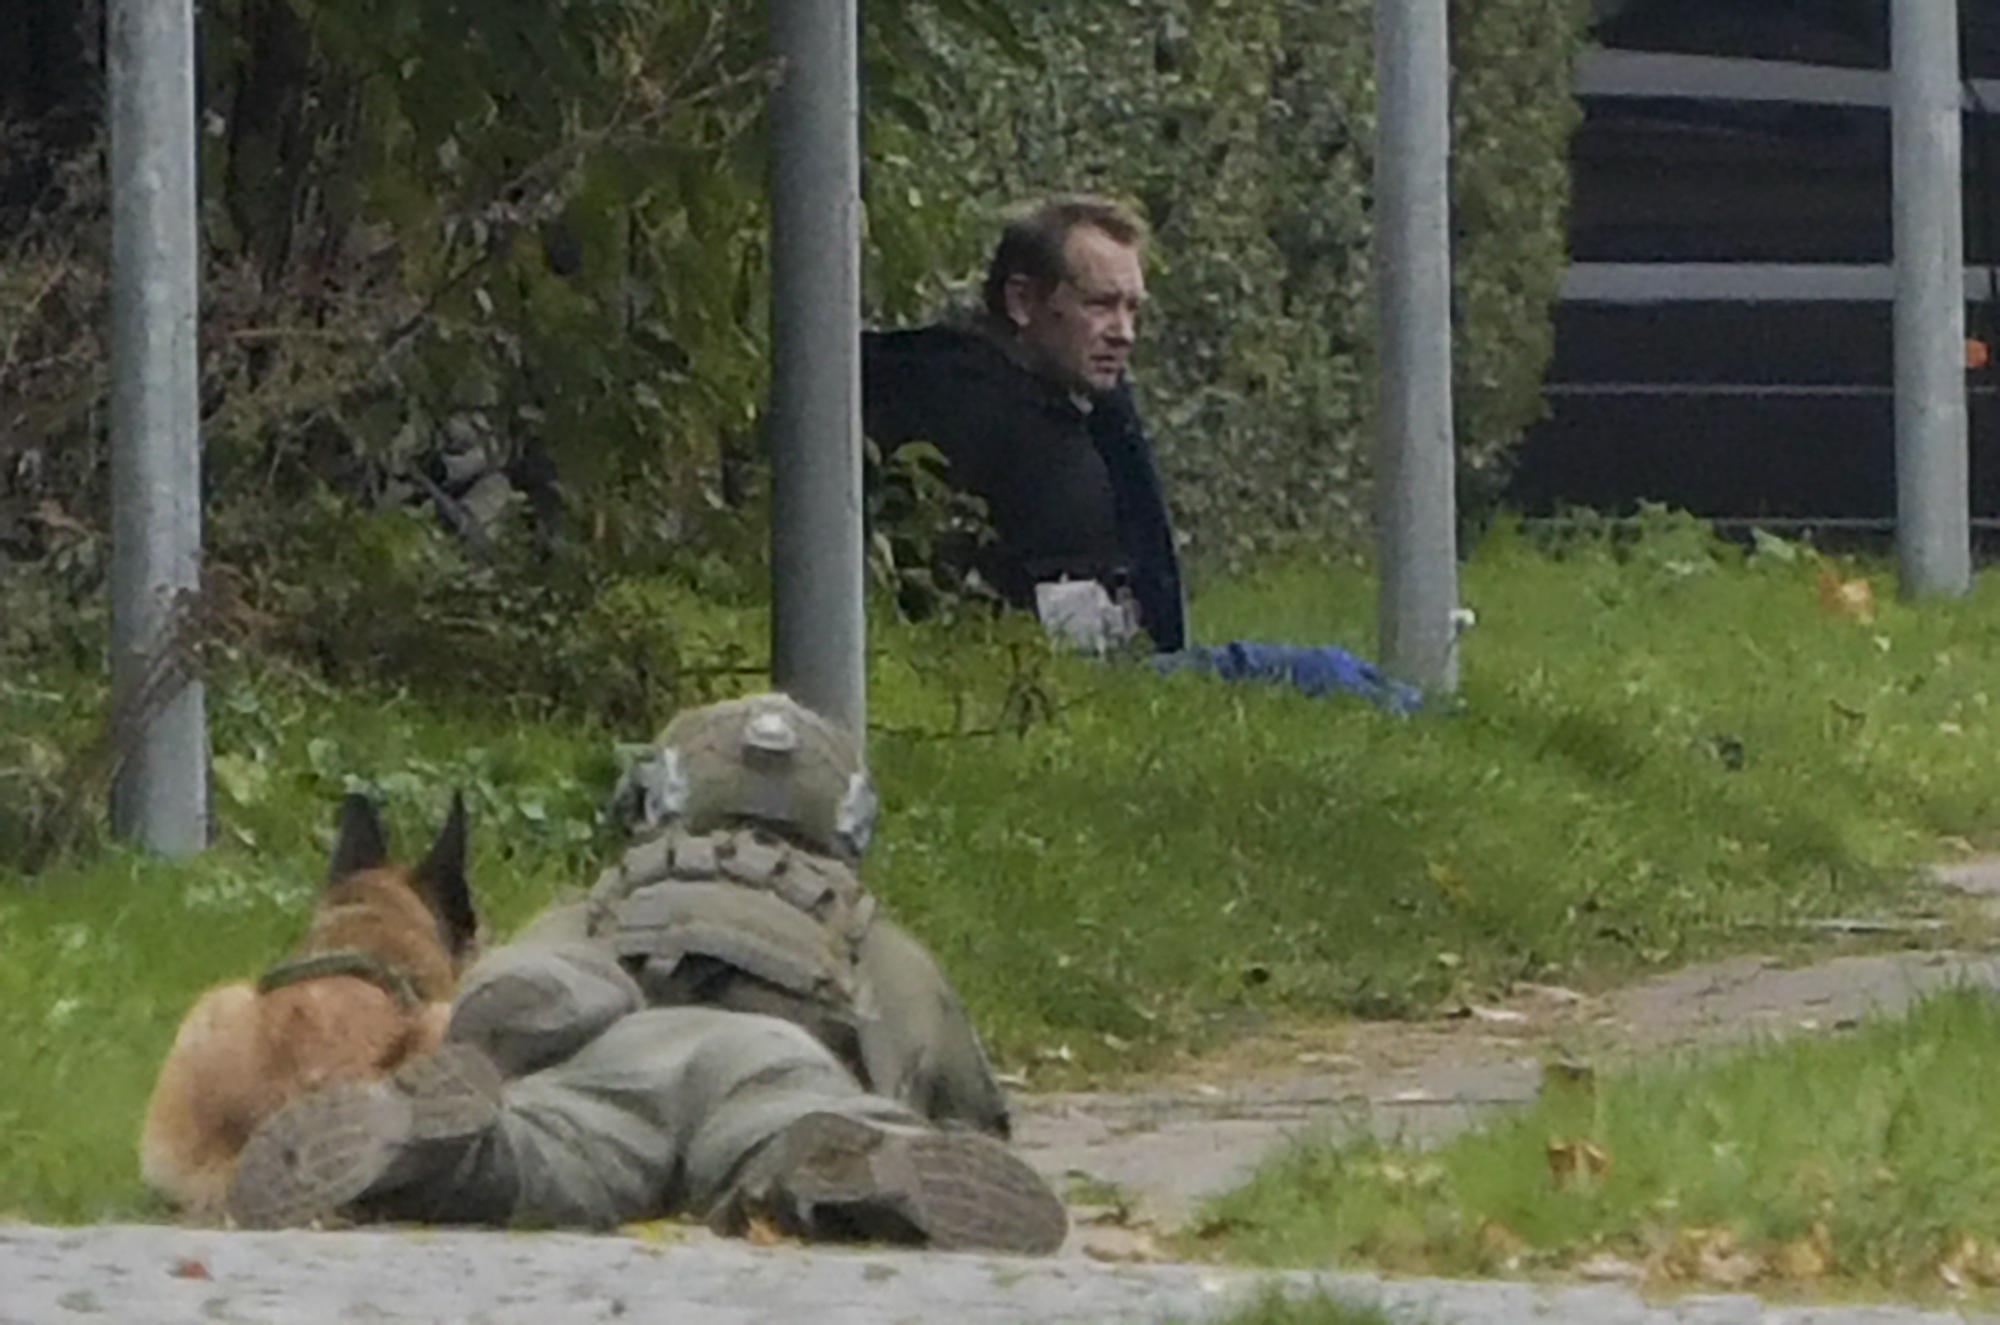 Megpróbált megszökni a dán feltaláló, aki a tengeralattjáróján gyilkolt meg egy újságírónőt